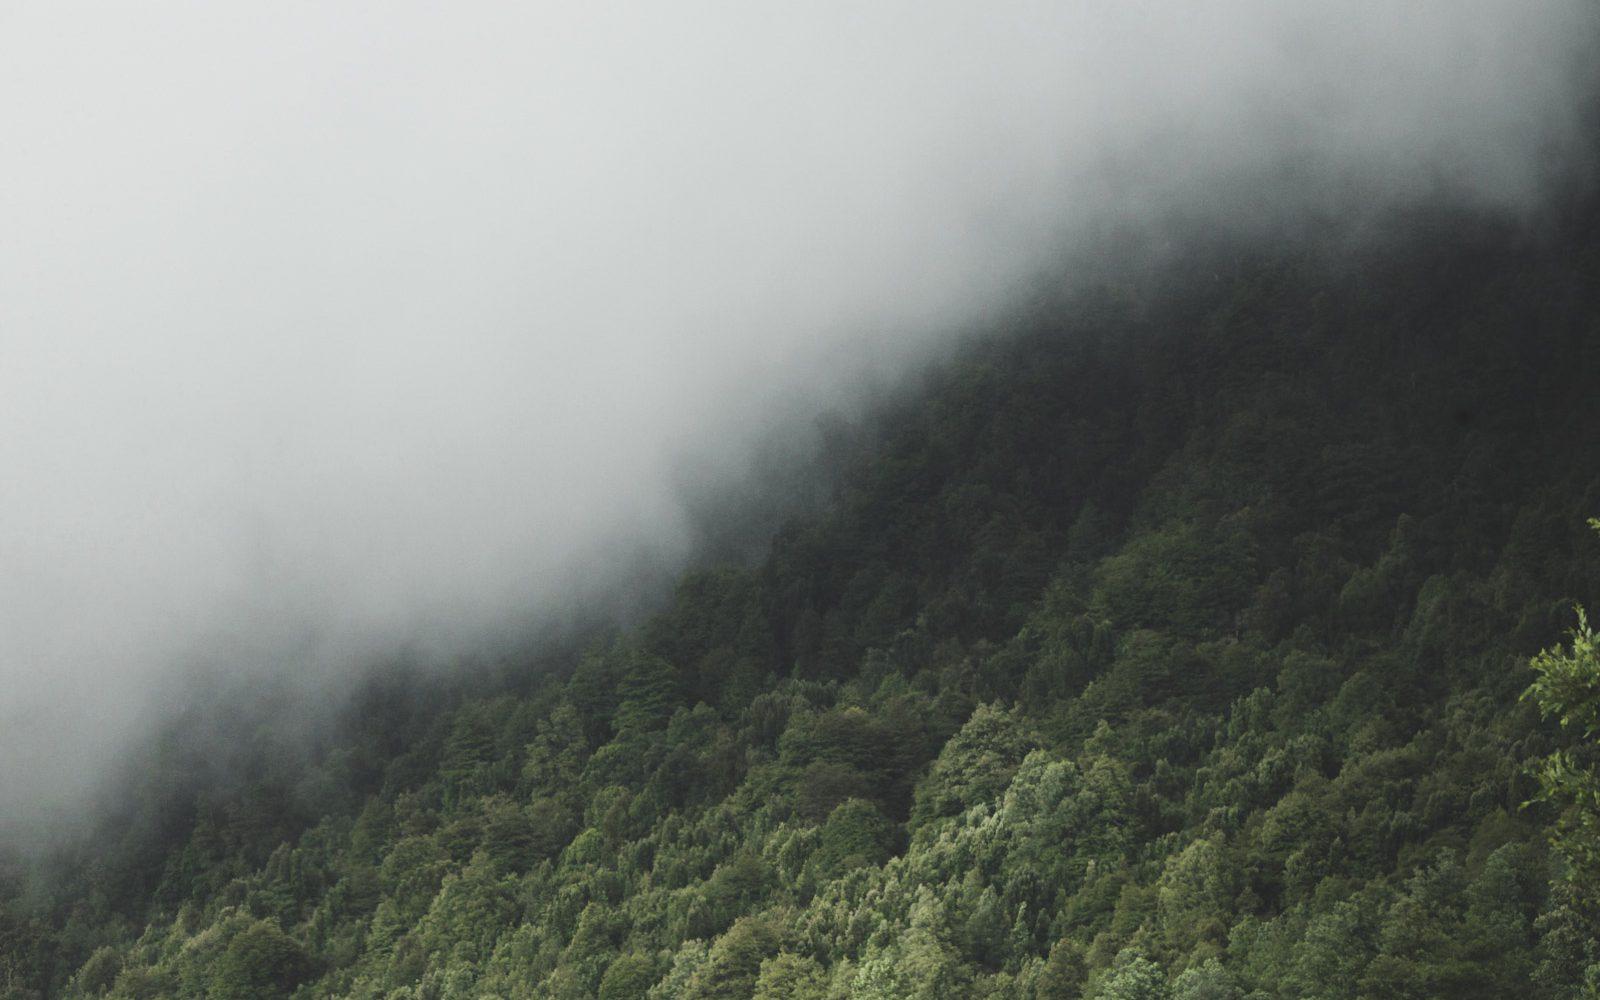 kalter valdivianischer Regenwald Pucon